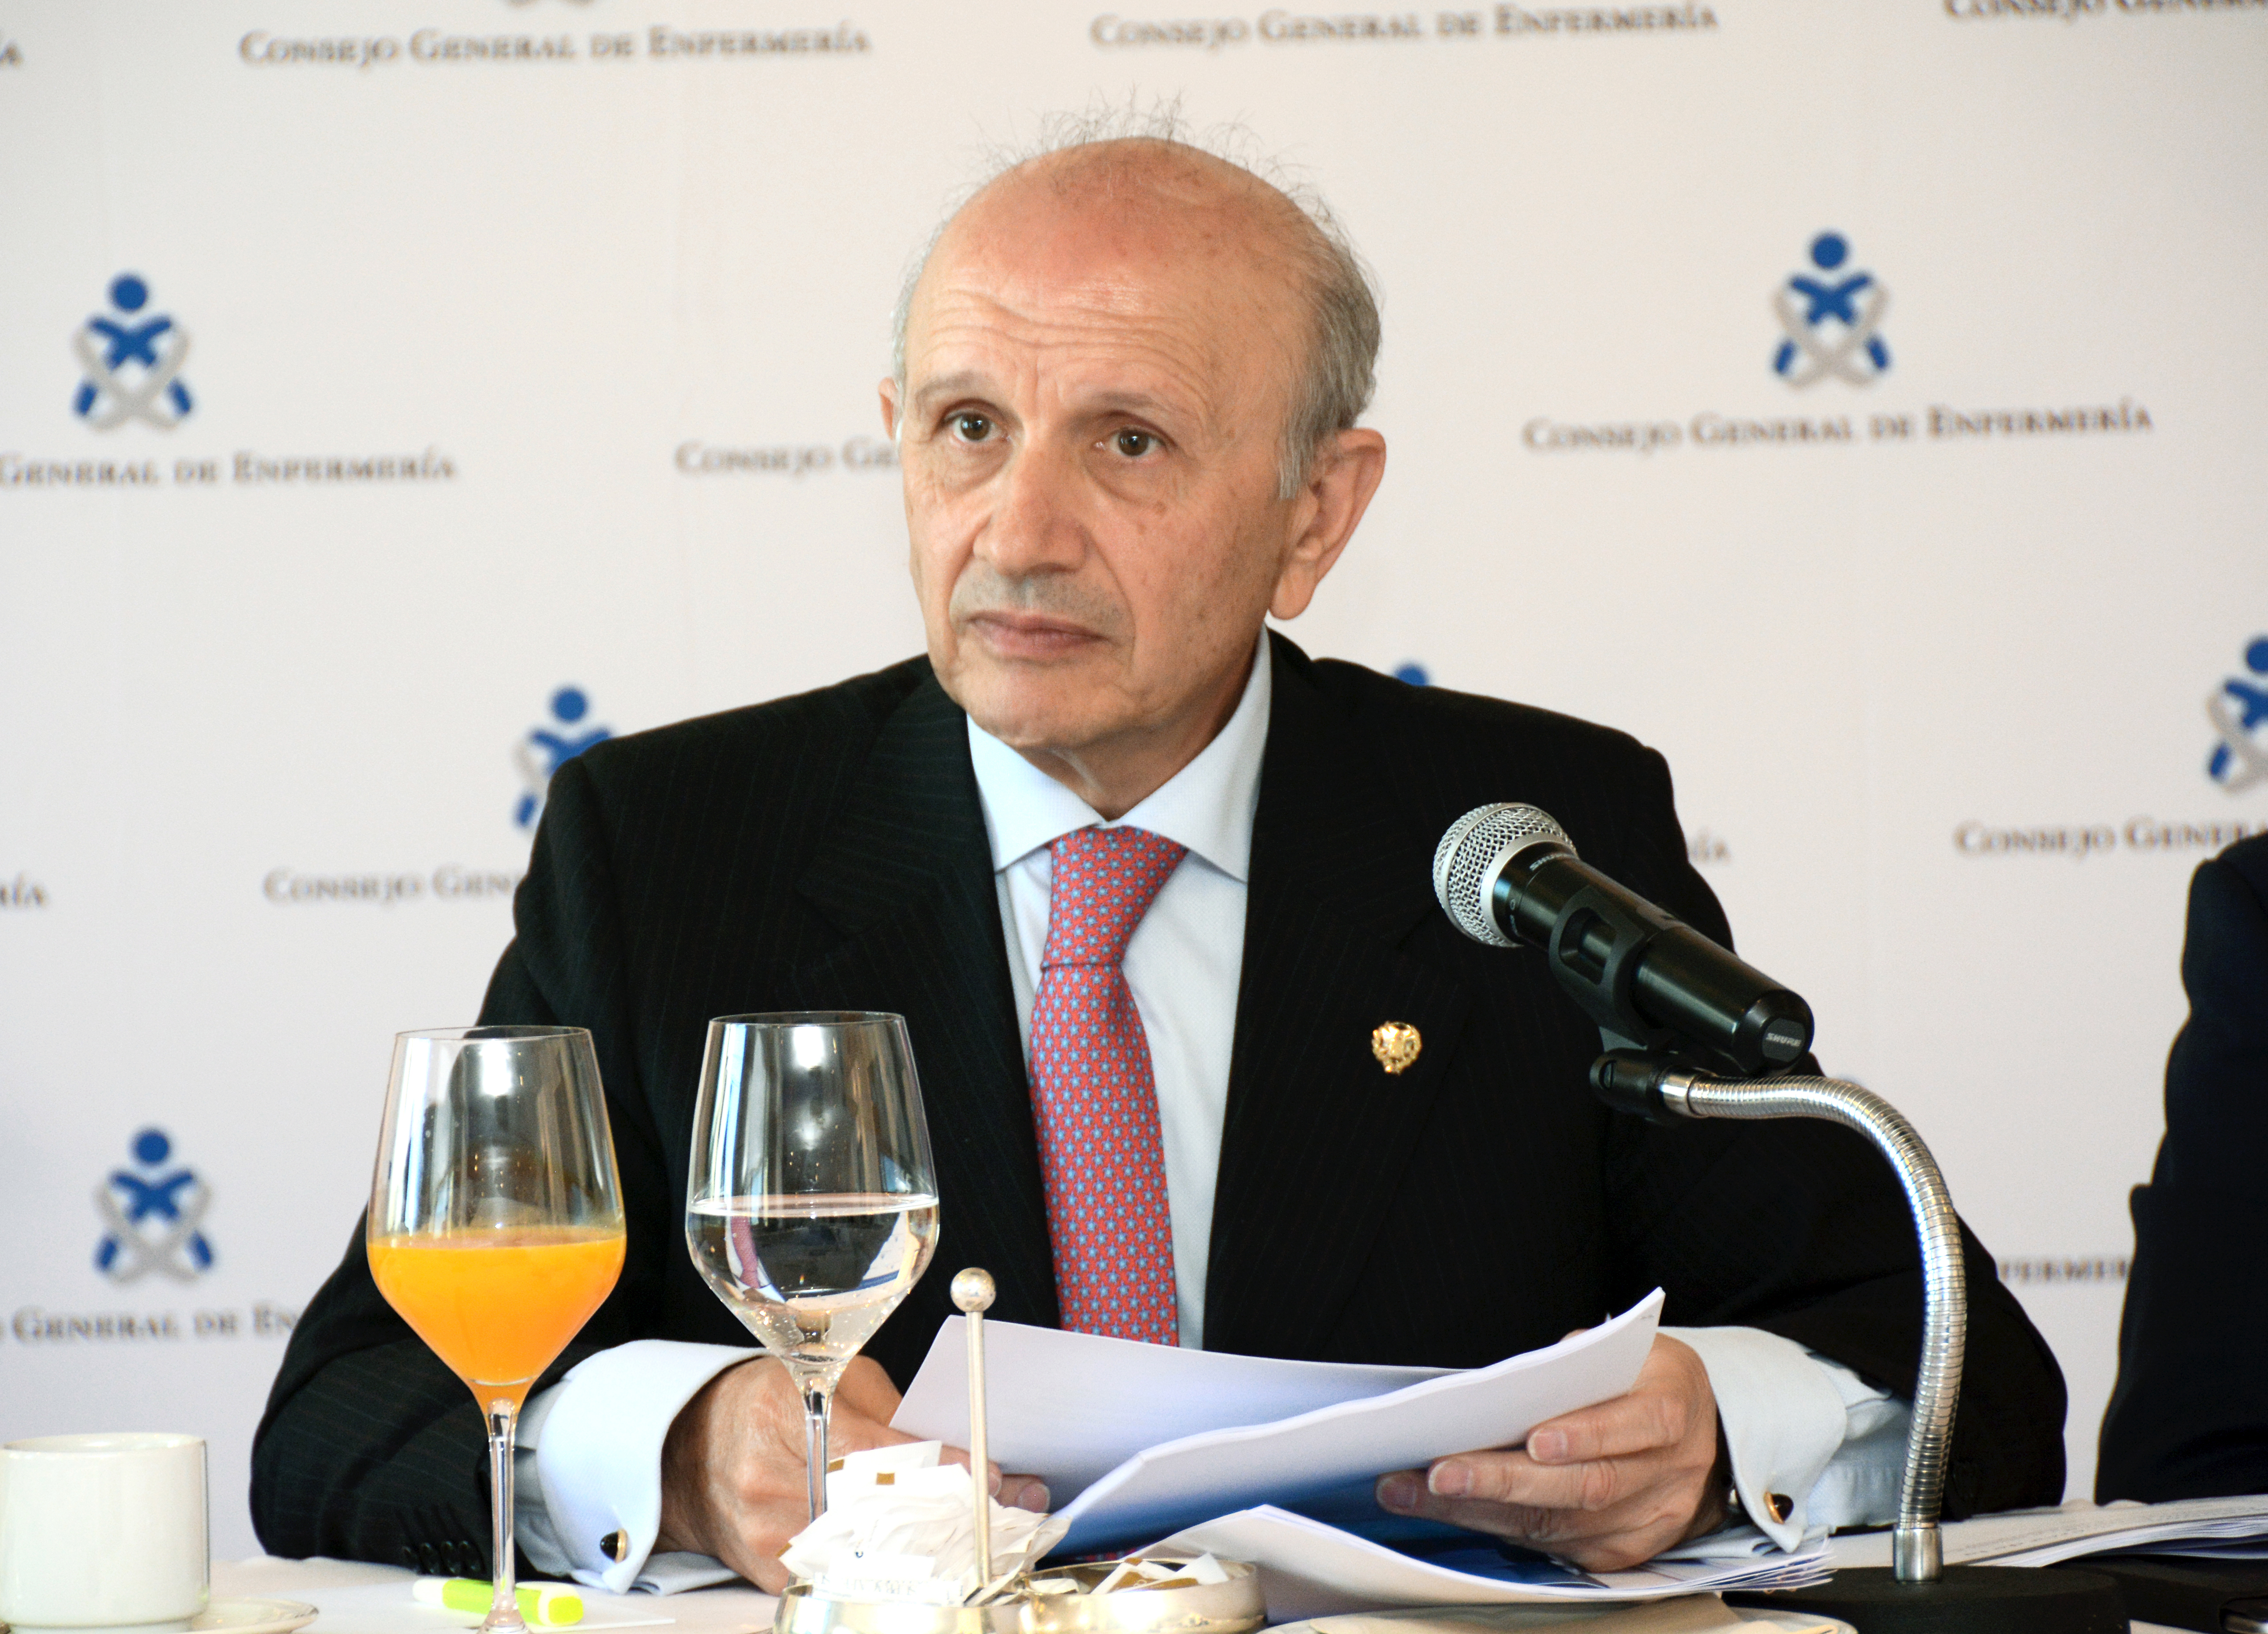 El presidente del CGE pide al PP que renueve a aquellos portavoces sanitarios que